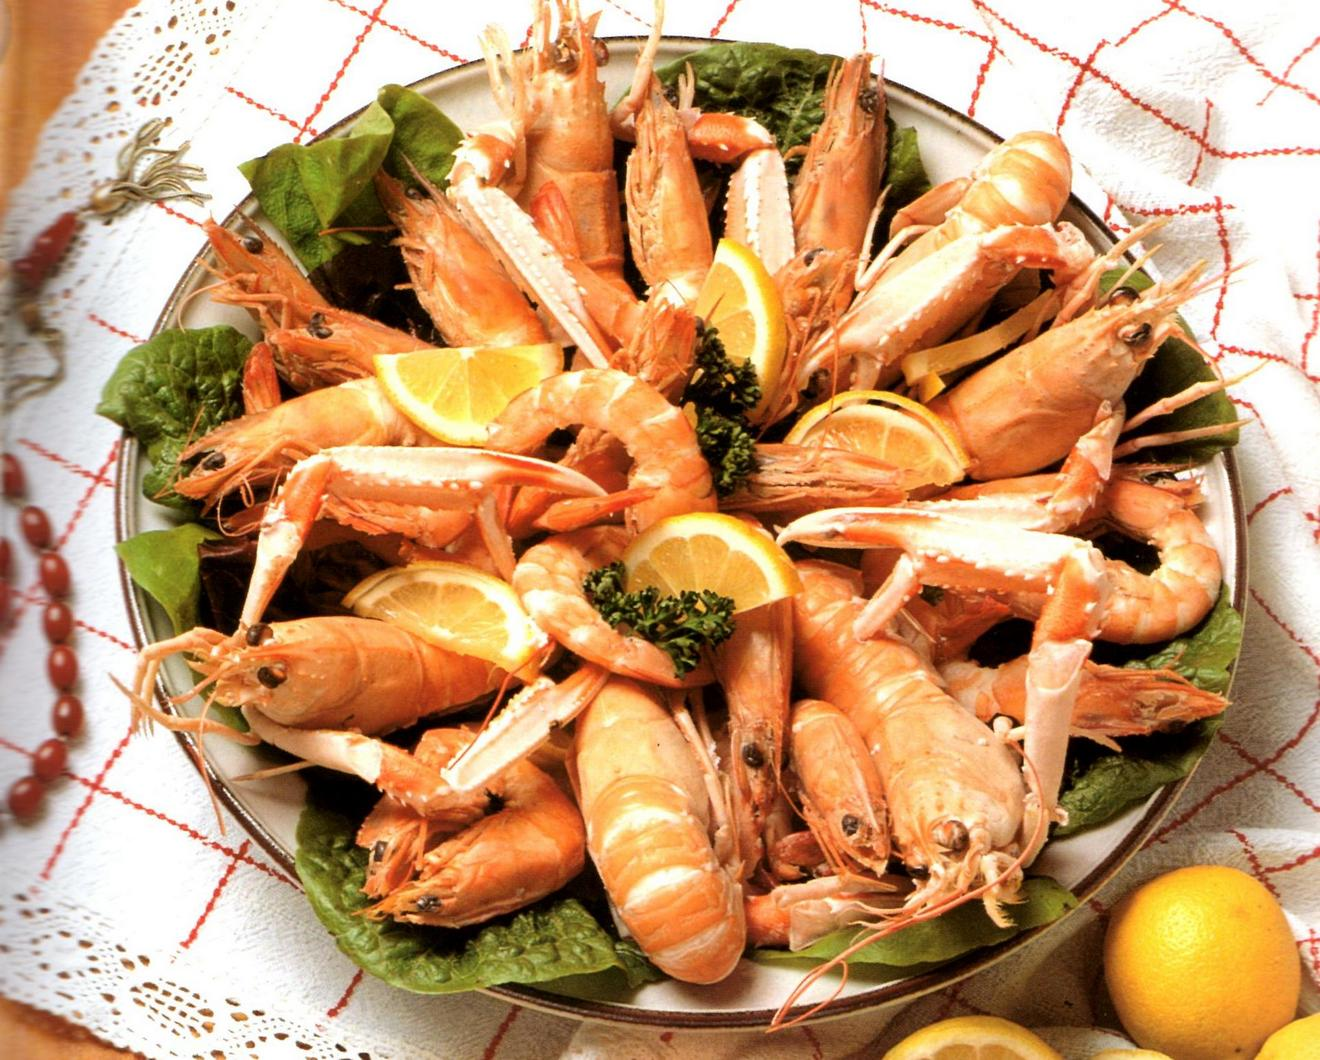 Cucina greca le ricette dei piatti pi famosi viaggionauta for Piatti famosi